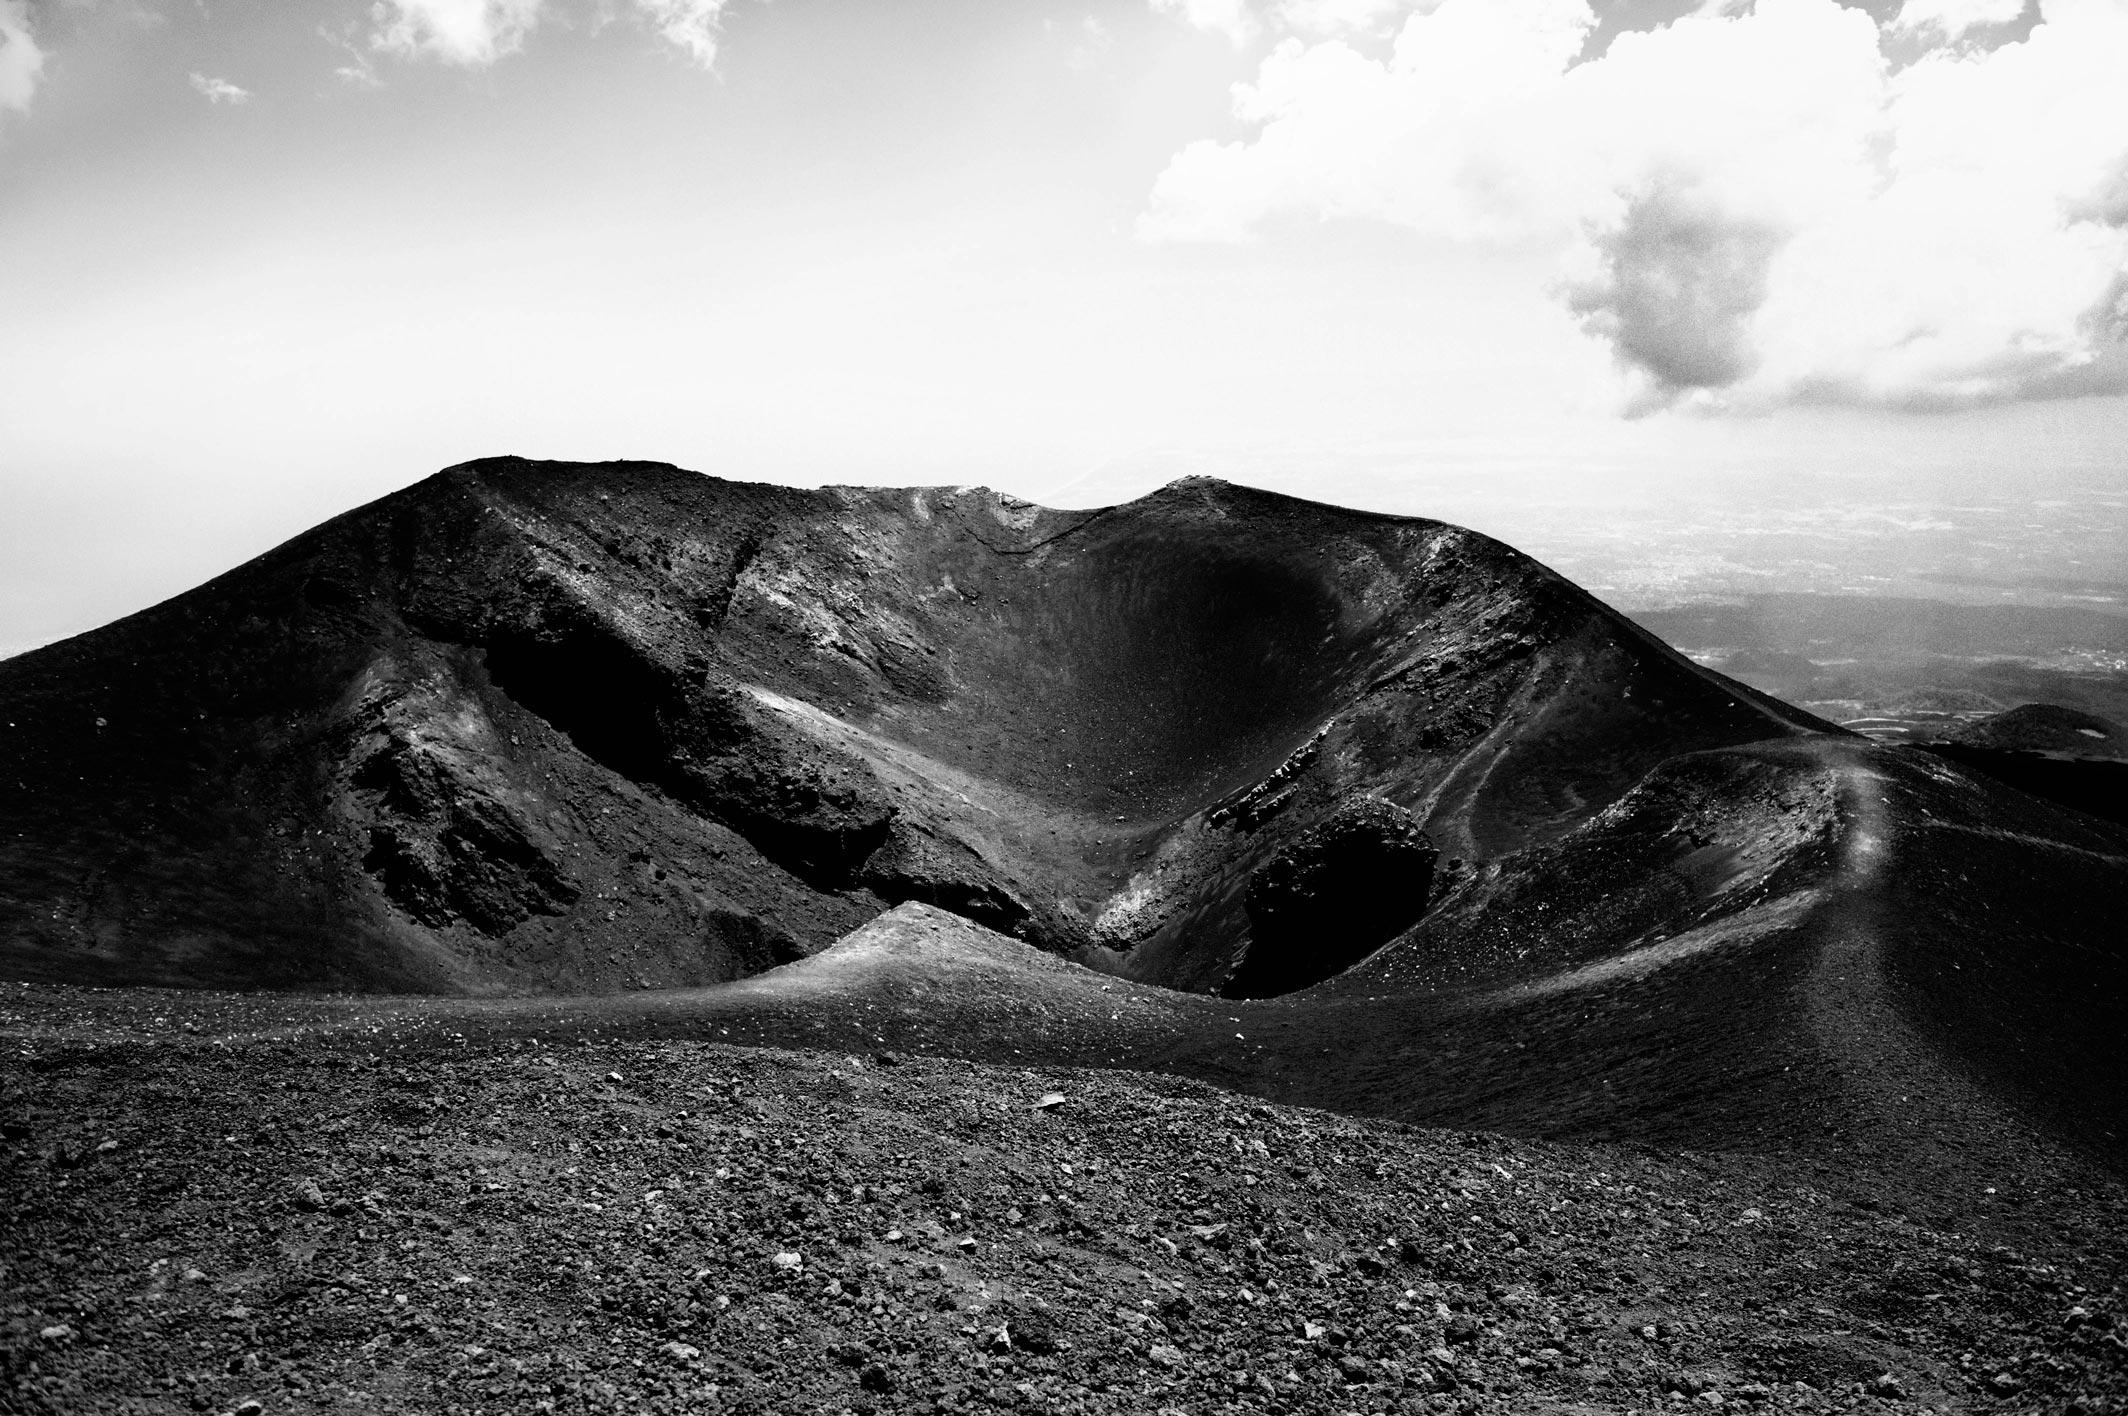 l'Etna en noir et blanc